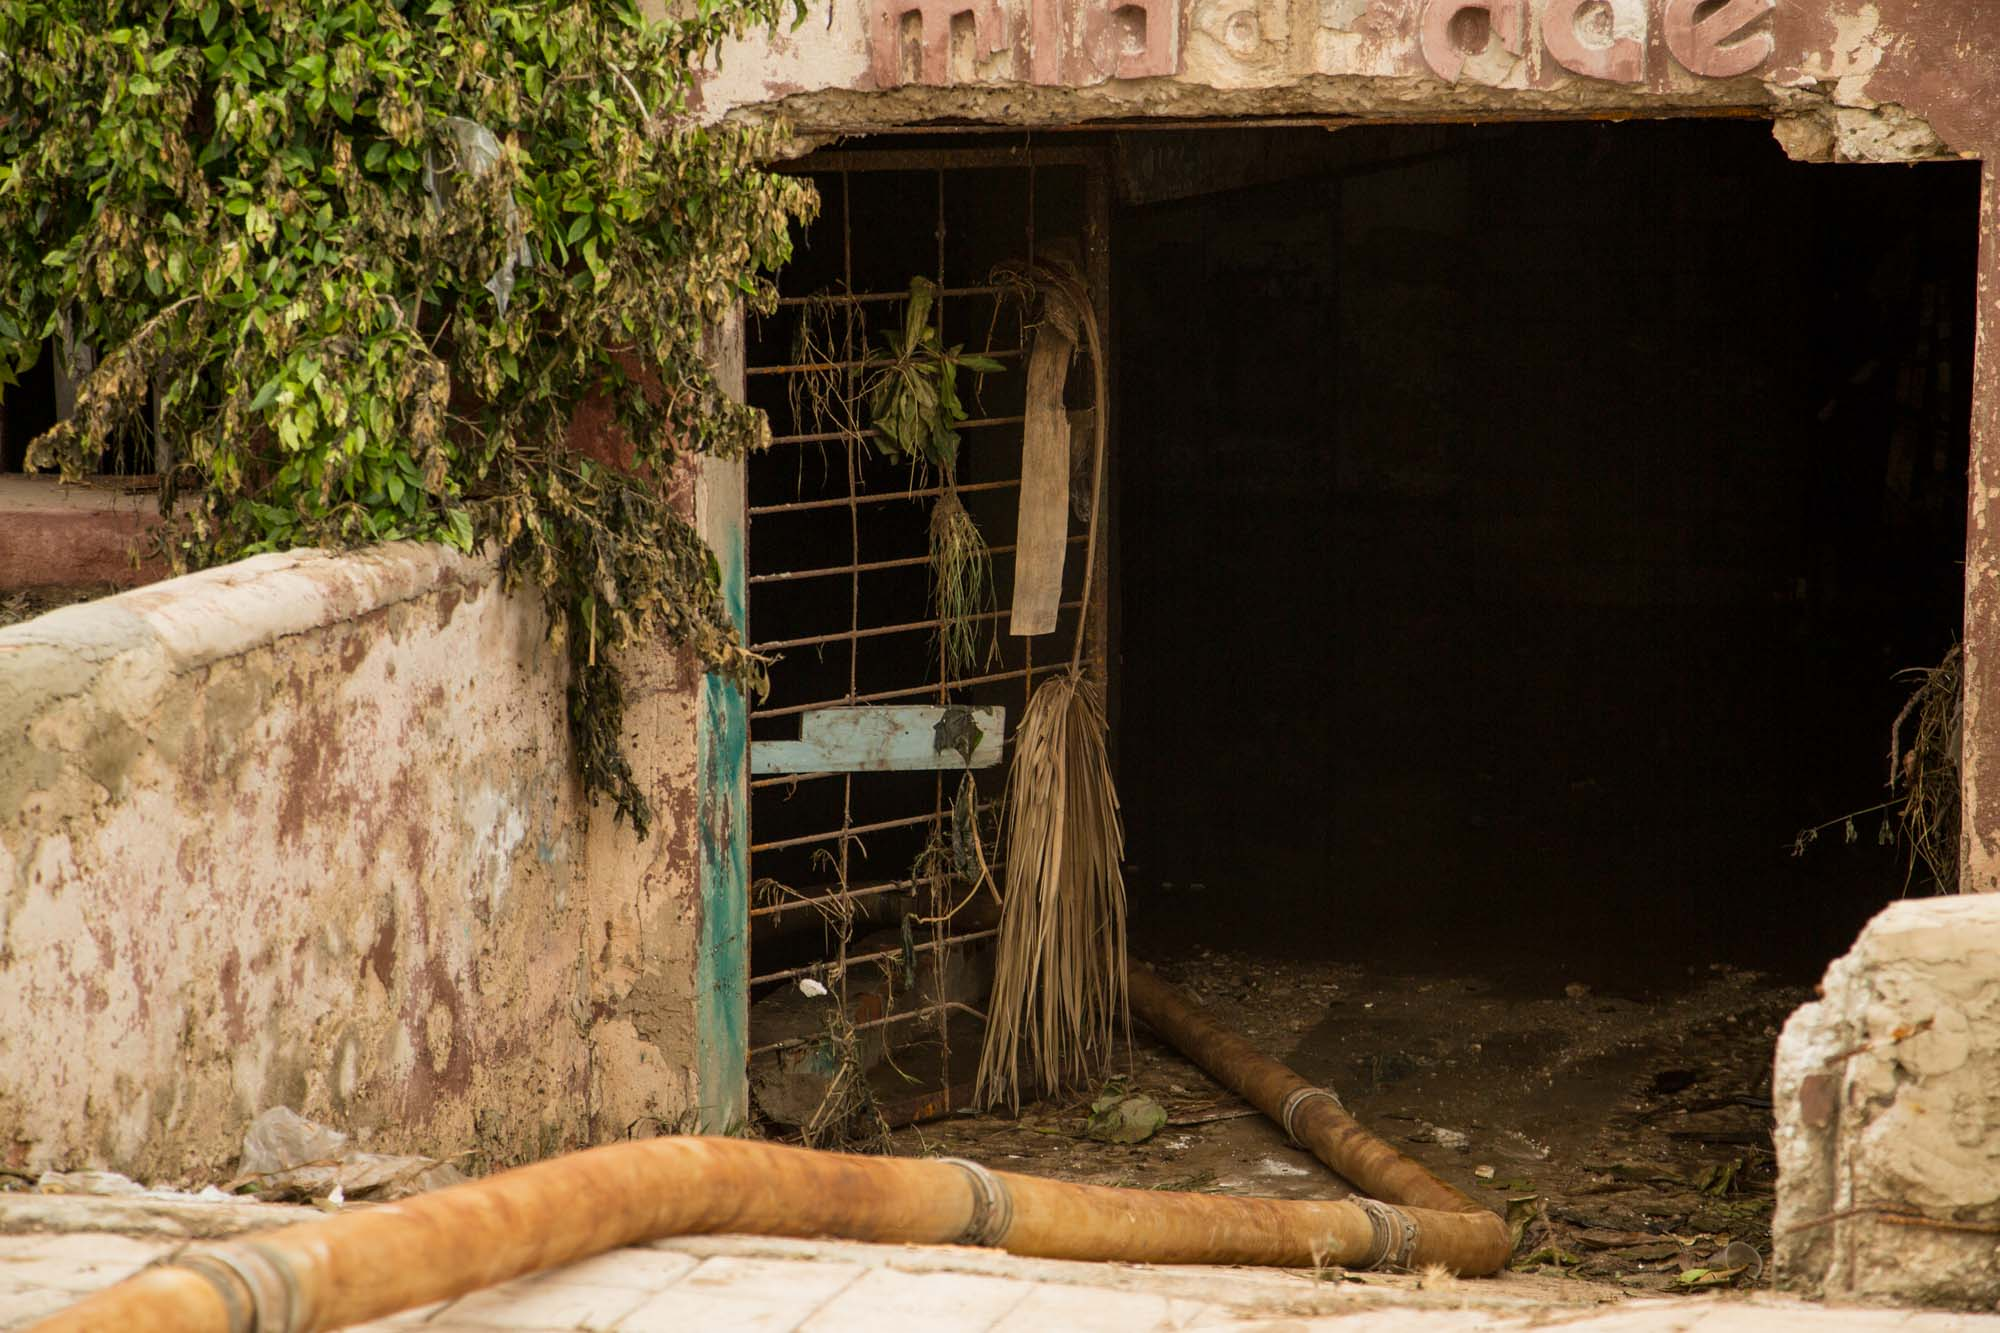 De este sitio sacaron 70 pipas de agua (Foto: Jorge Ricardo)